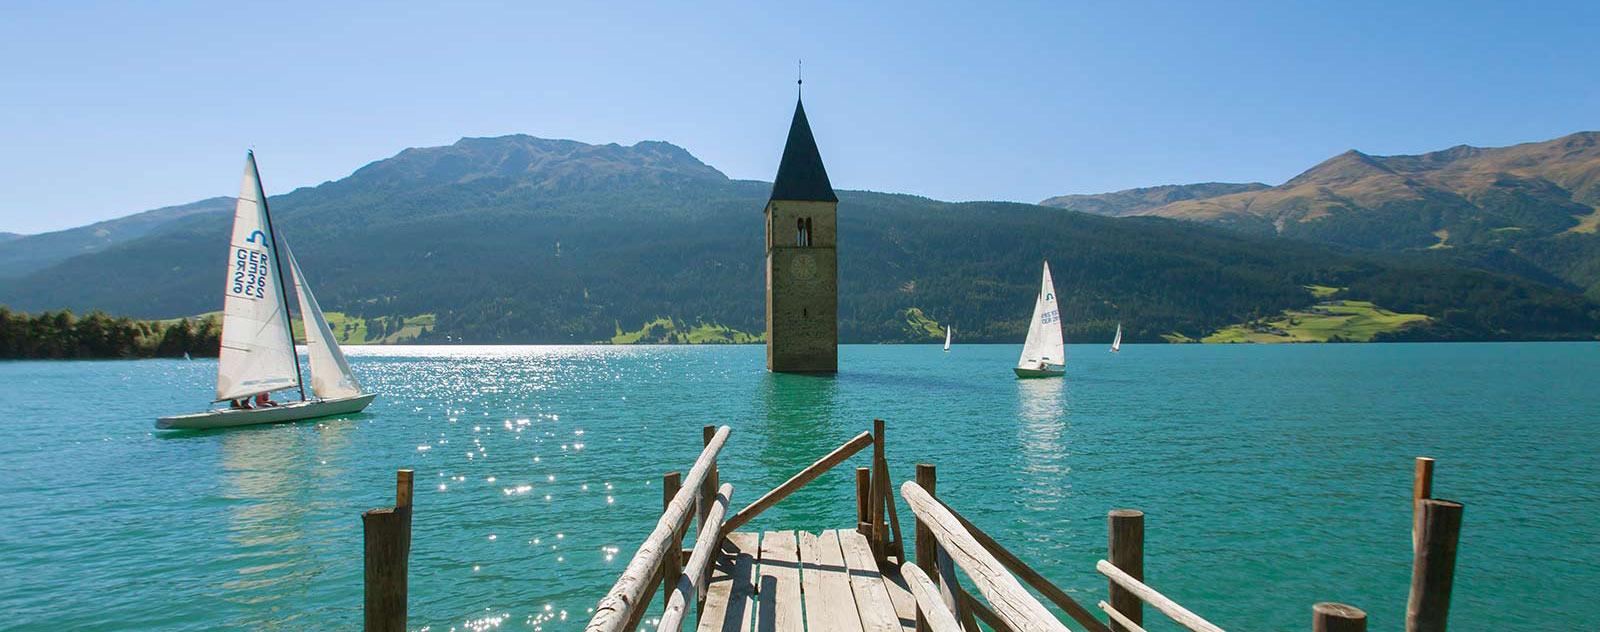 campanile-del-lago-di-resia-secret-world